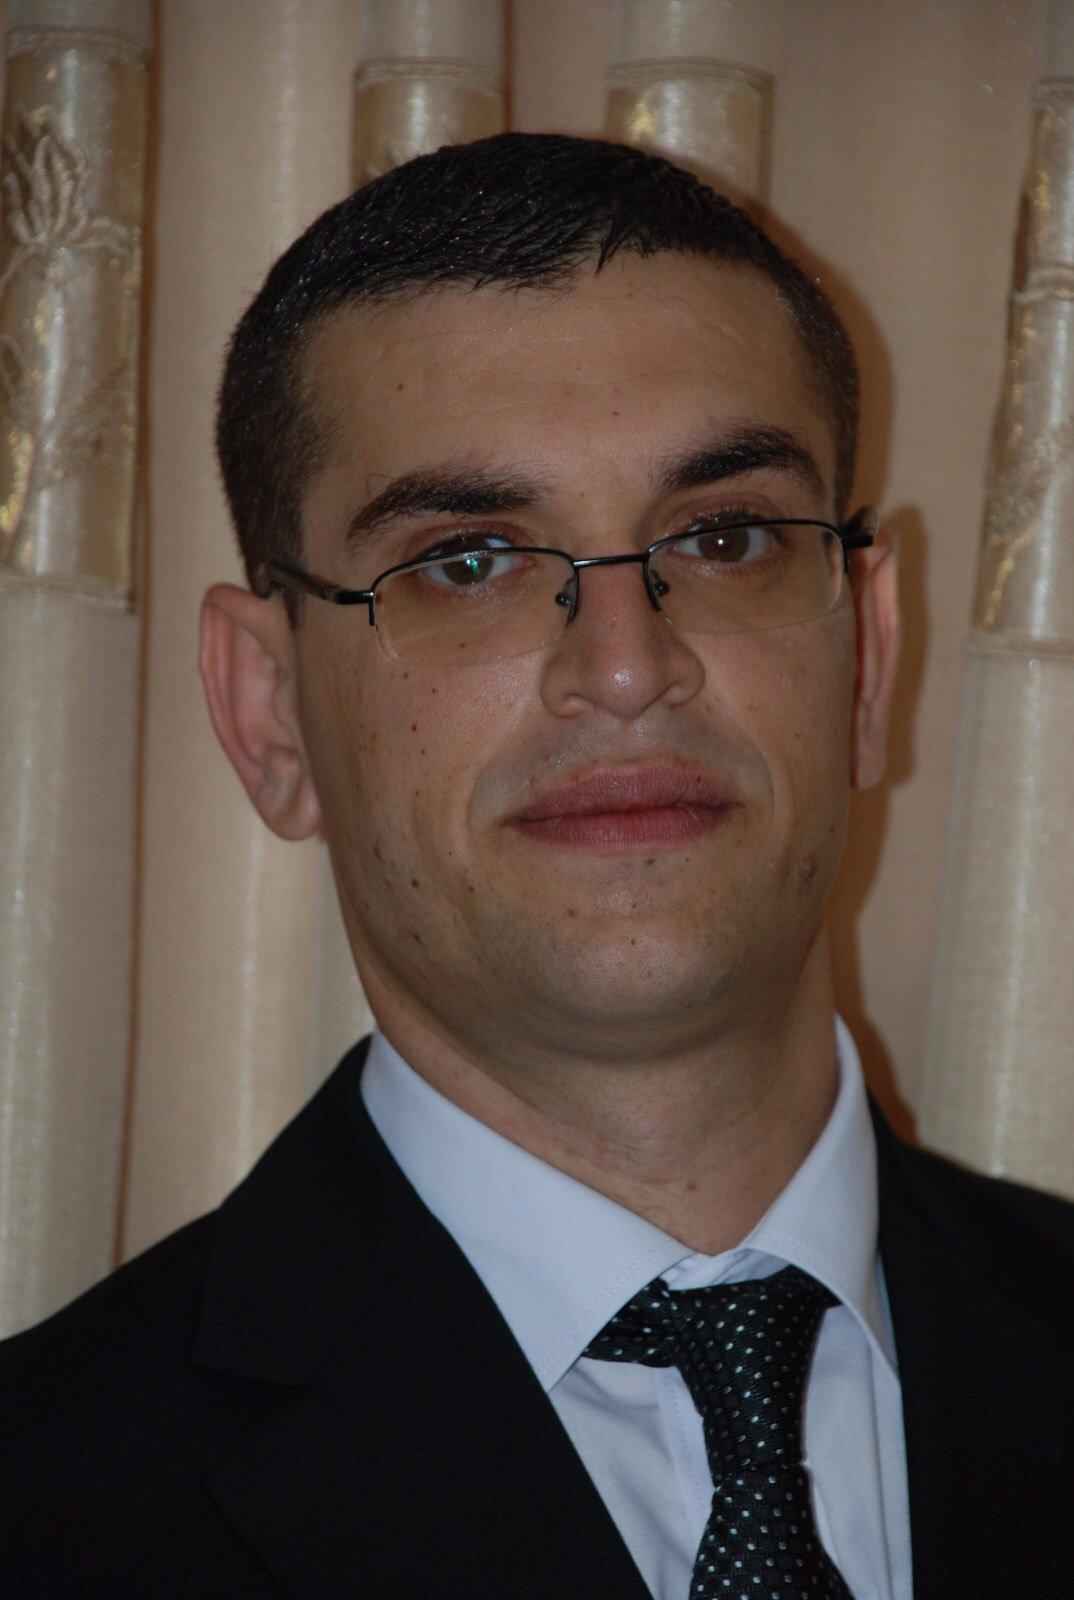 انجاز عالمي للفحماوي د. ابو غزالة في ترجمة الكتب الاسلامية